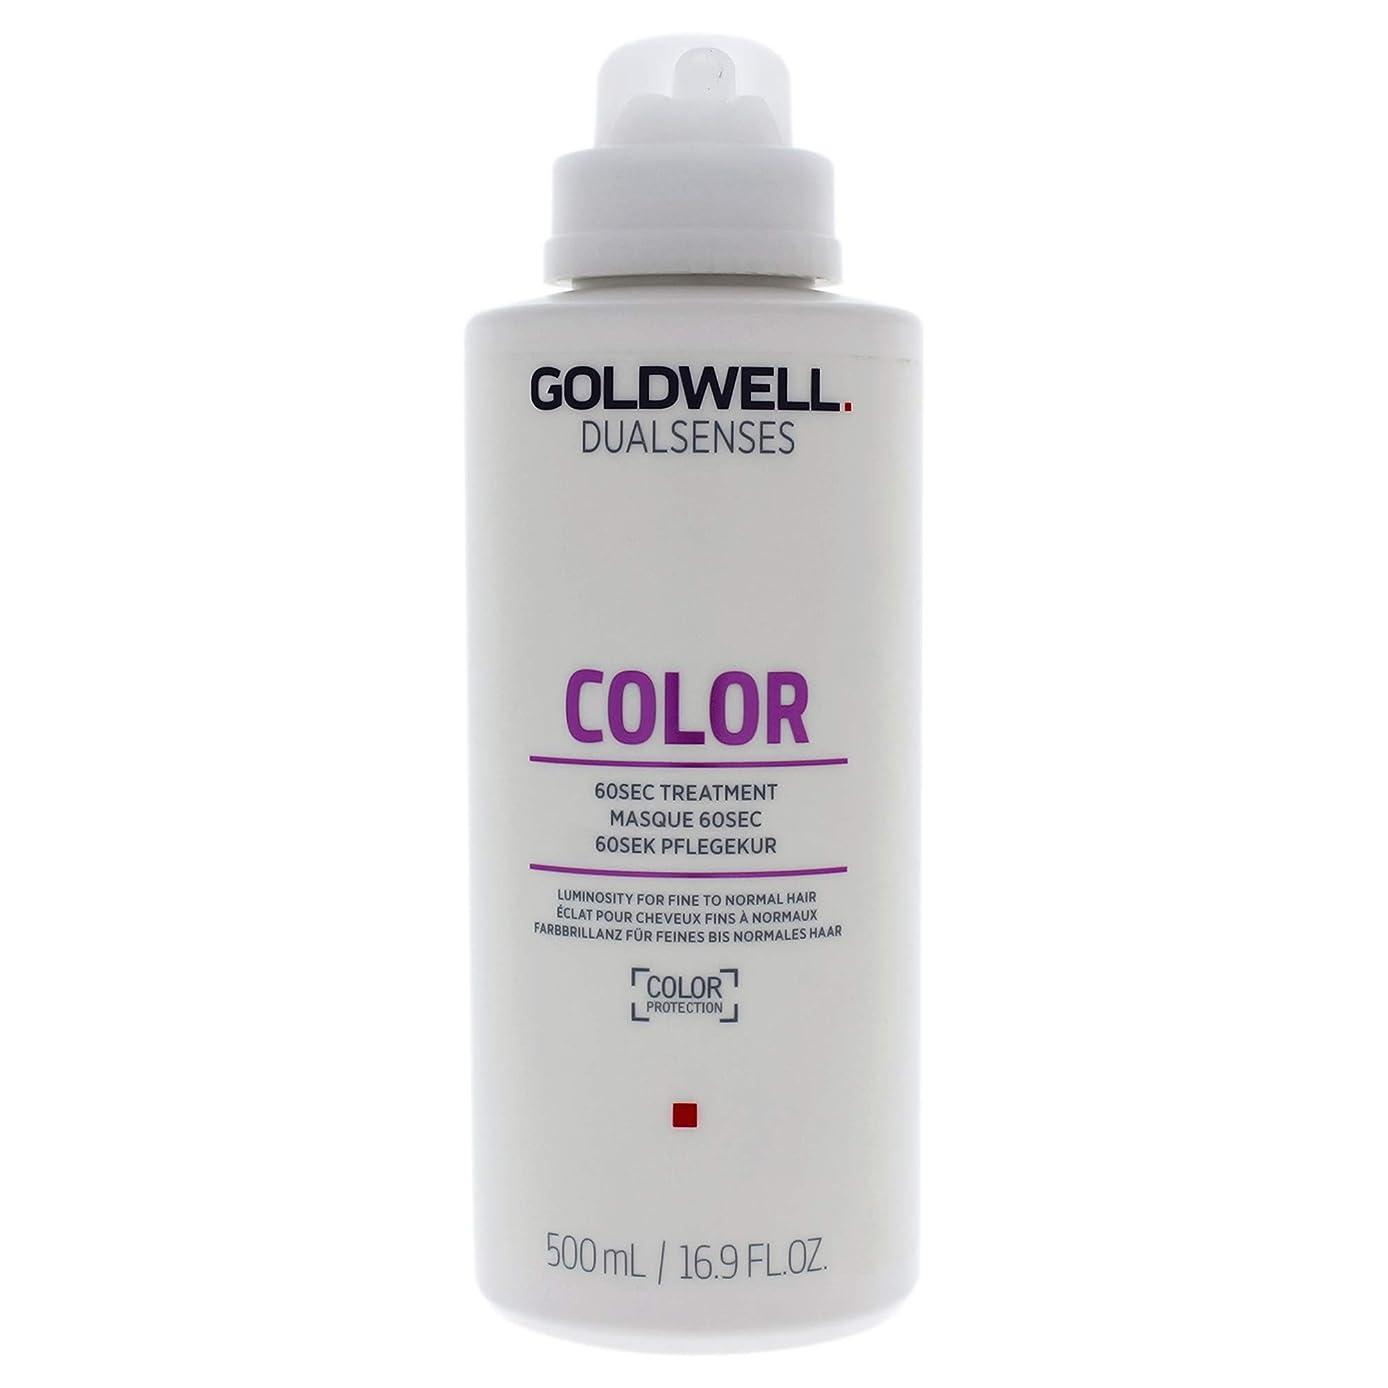 実質的複製めんどりGoldwell Dualsenses色の60秒トリートメント、16.9オンス